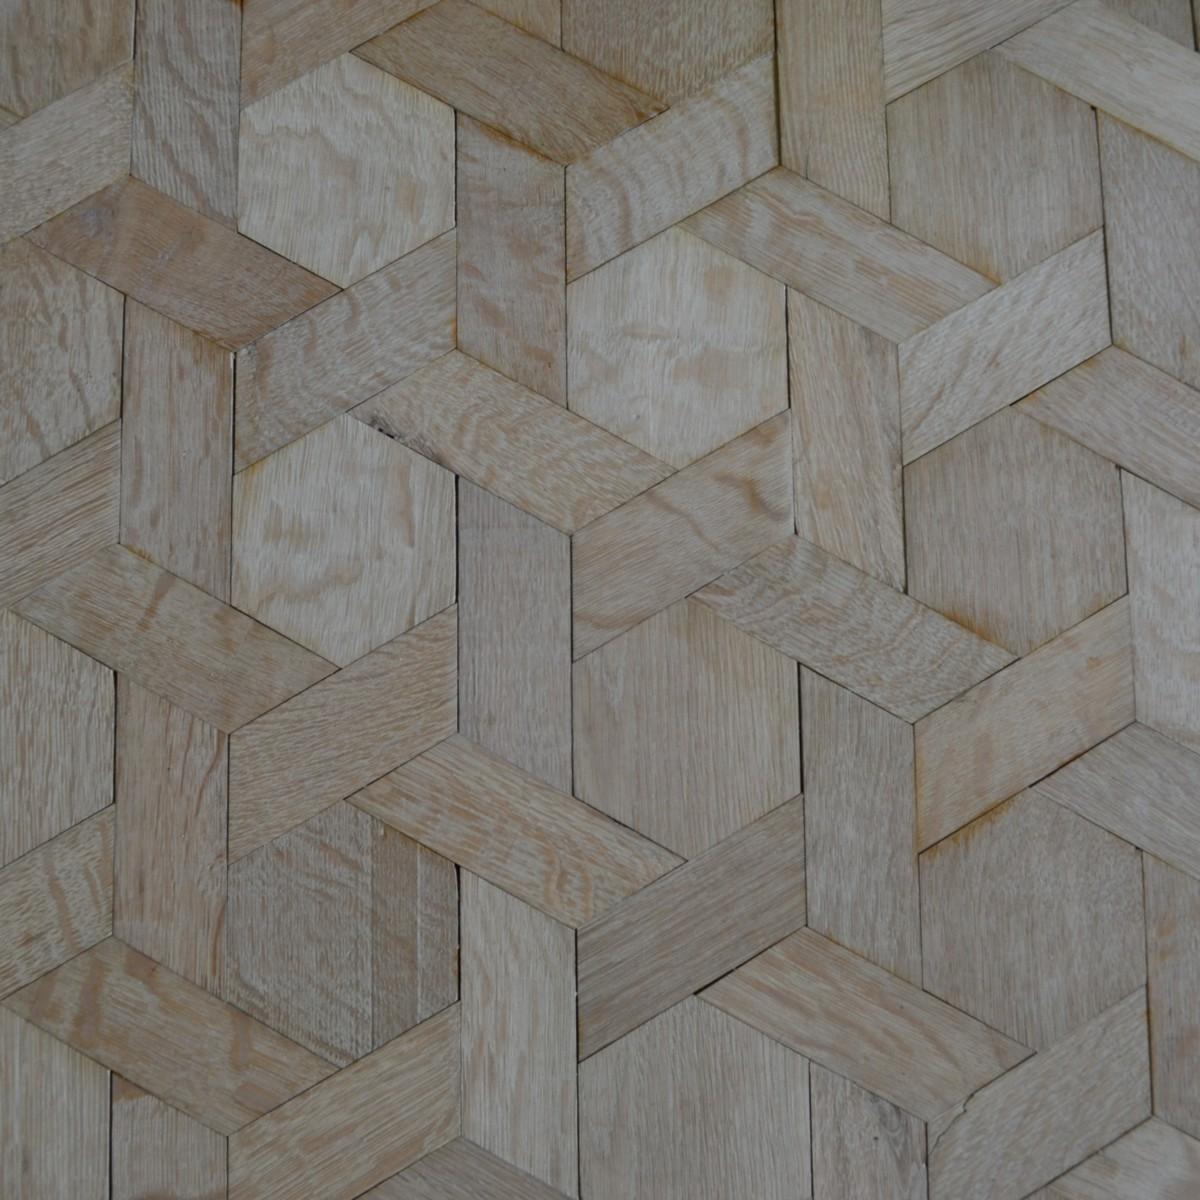 Bespoke flooring - Lefèvre Interiors Belgium